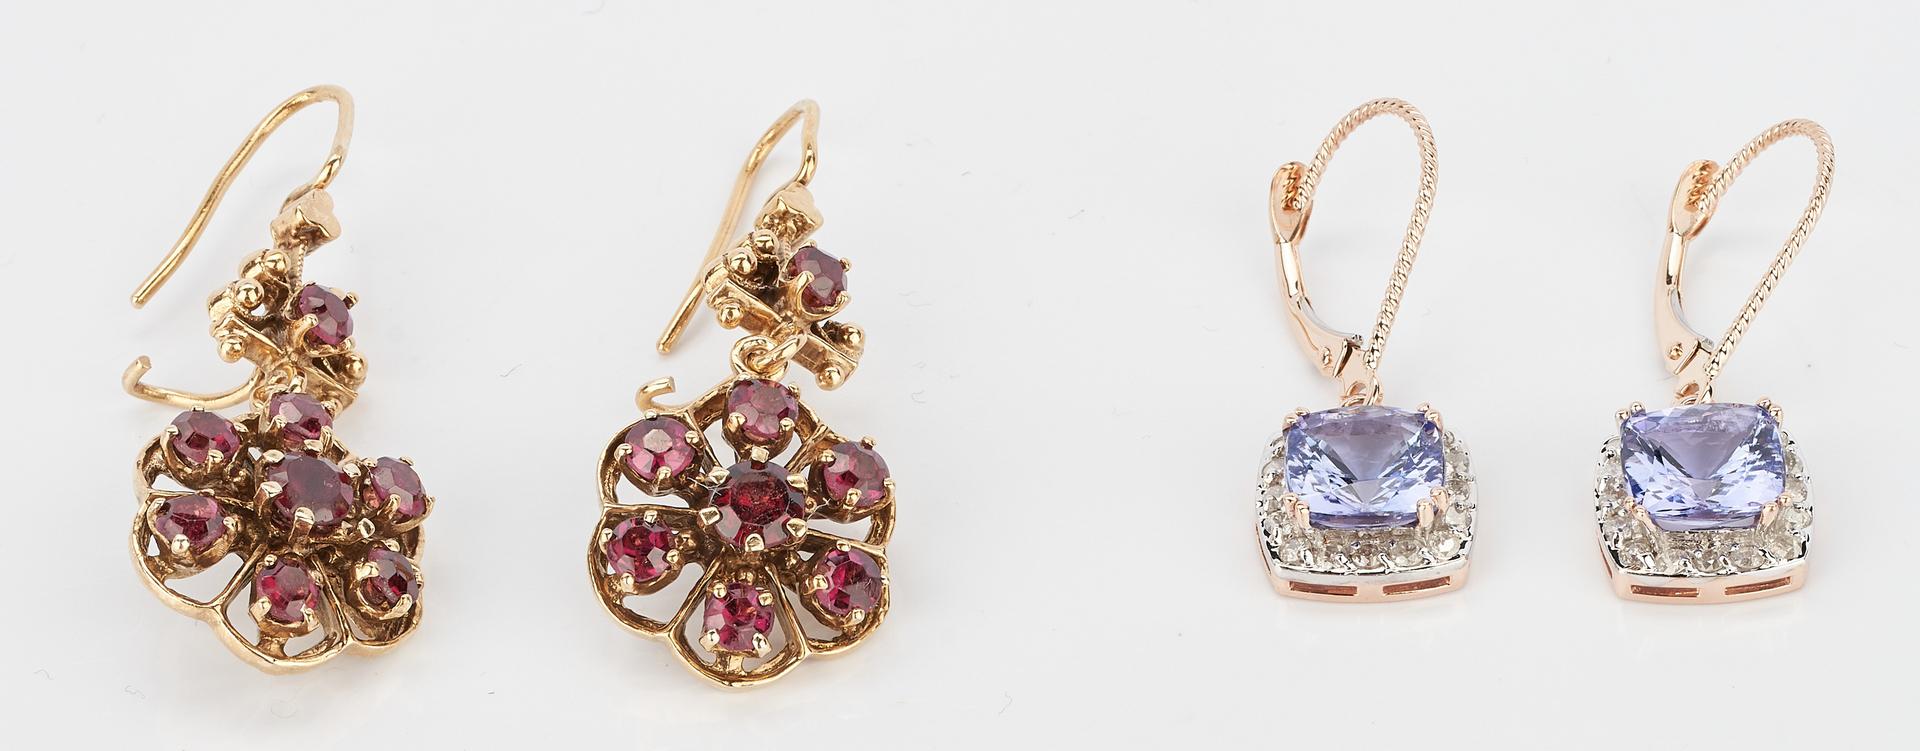 Lot 1019: 2 Prs. Earrings w/ Stones